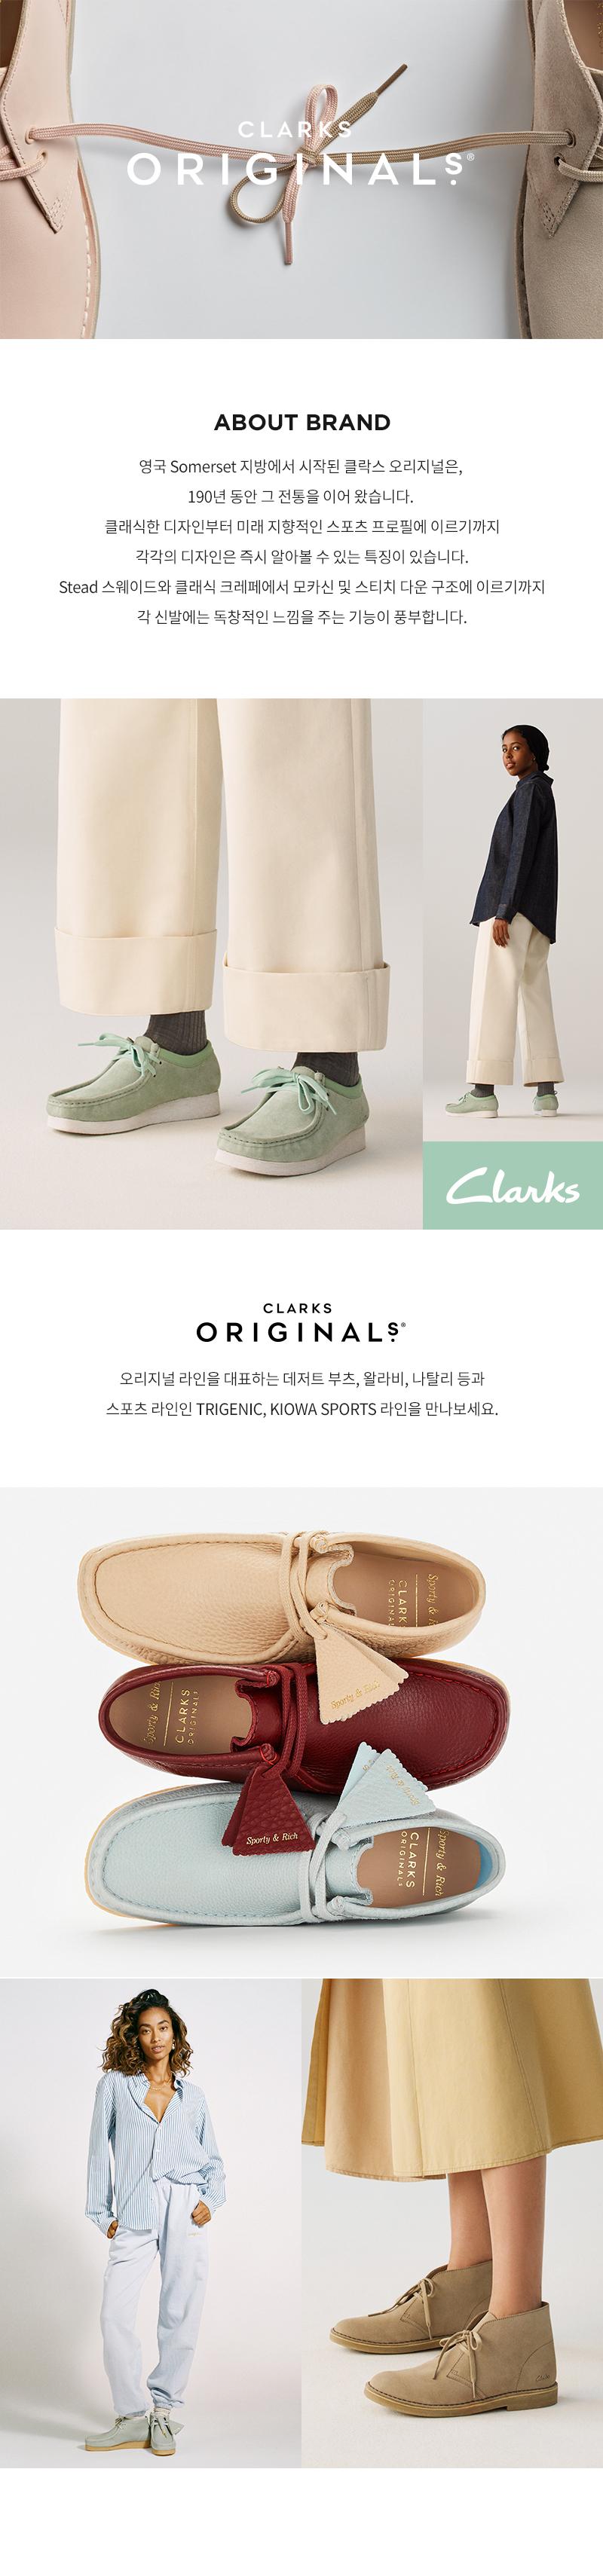 클락스(CLARKS) WALLABEE 26160202